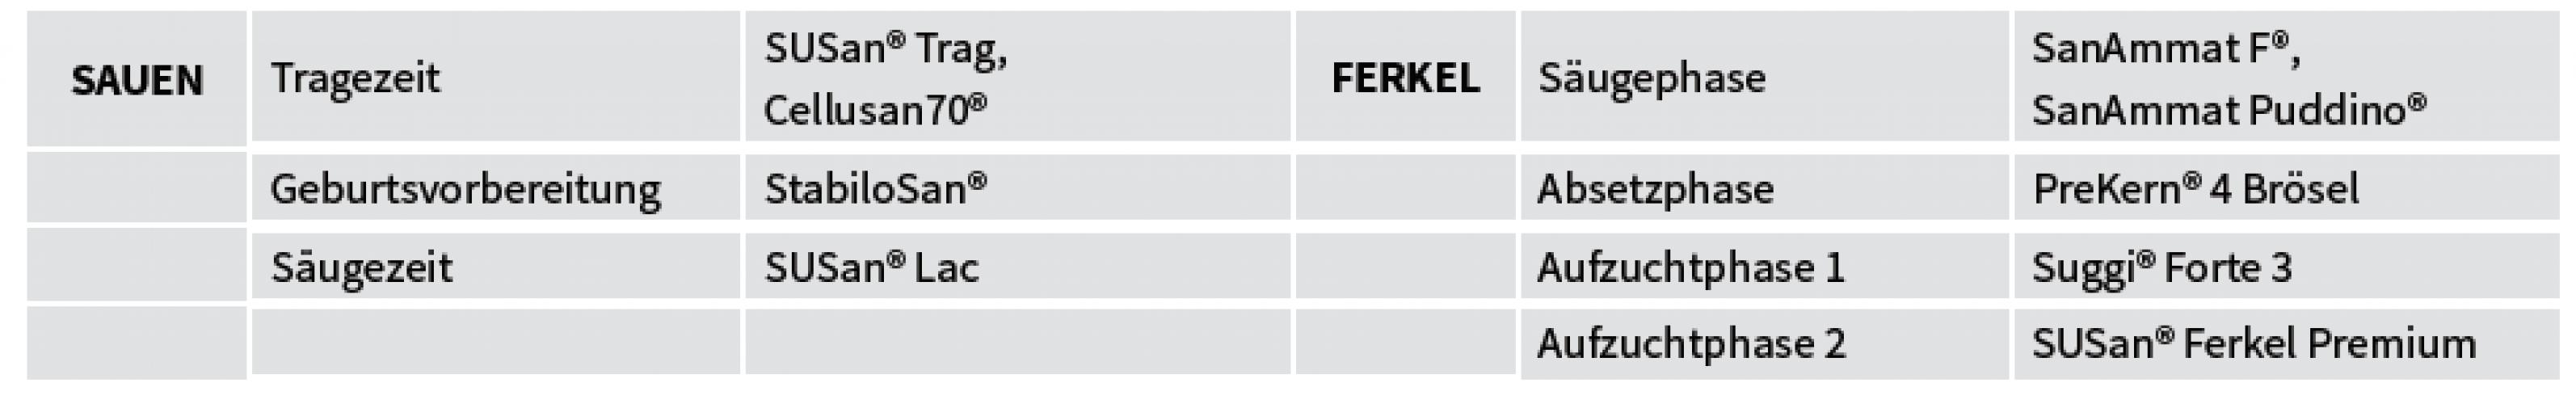 Man sieht eine Tabelle, in der die Futtermittel eingetragen wurden, die zur jeweiligen Phase verwendet wurden.